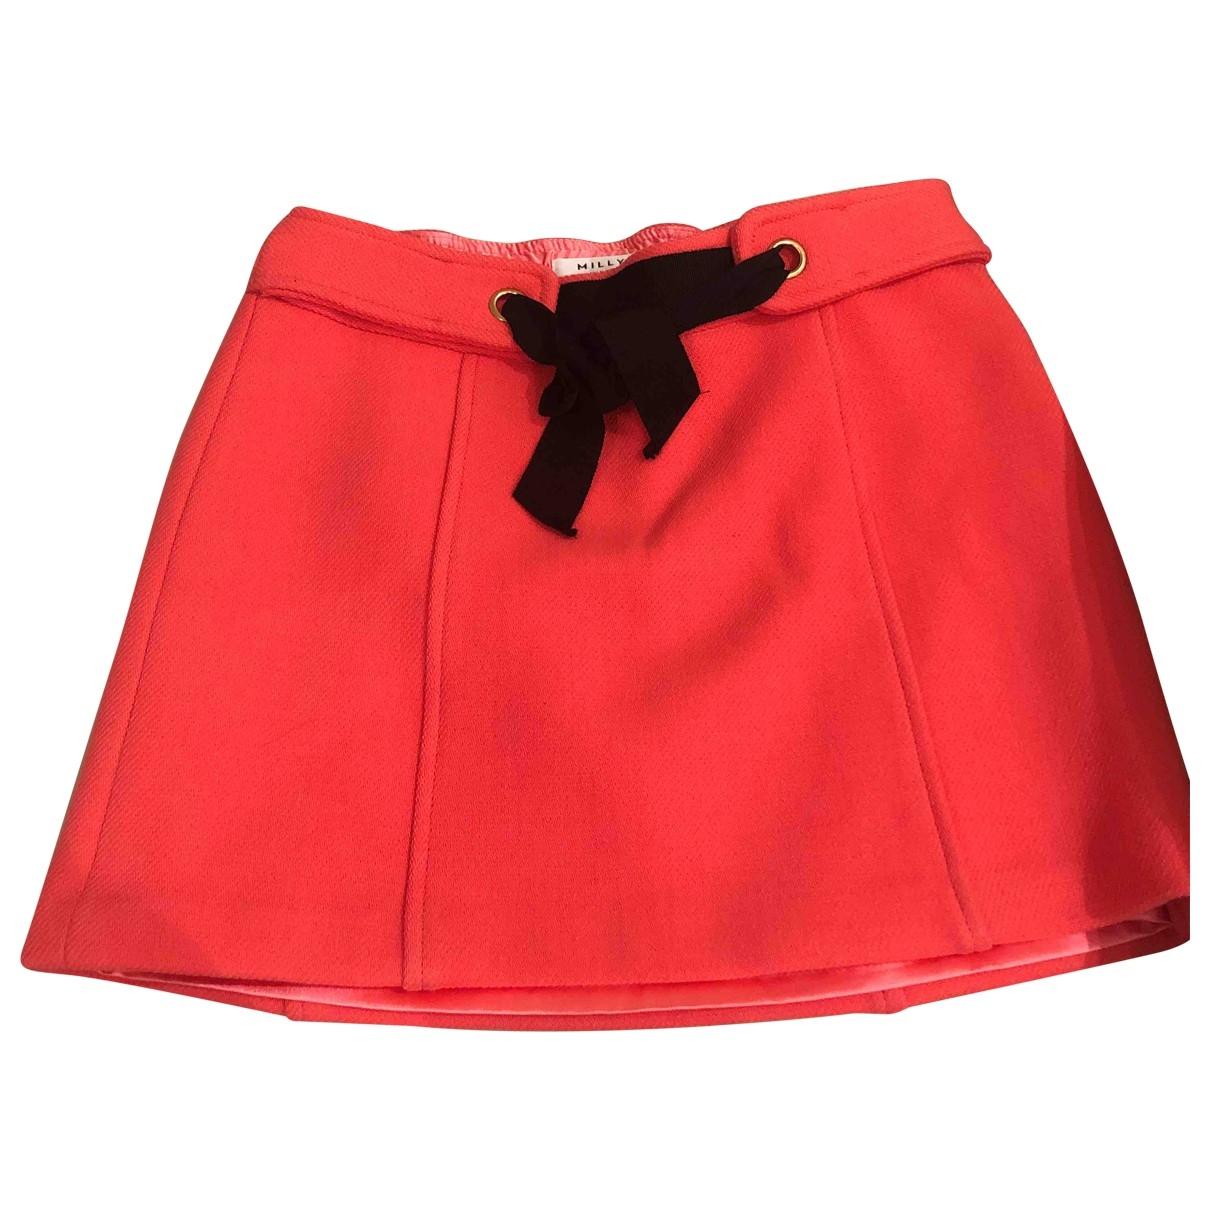 Milly \N Orange Wool skirt for Kids 14 years - S UK